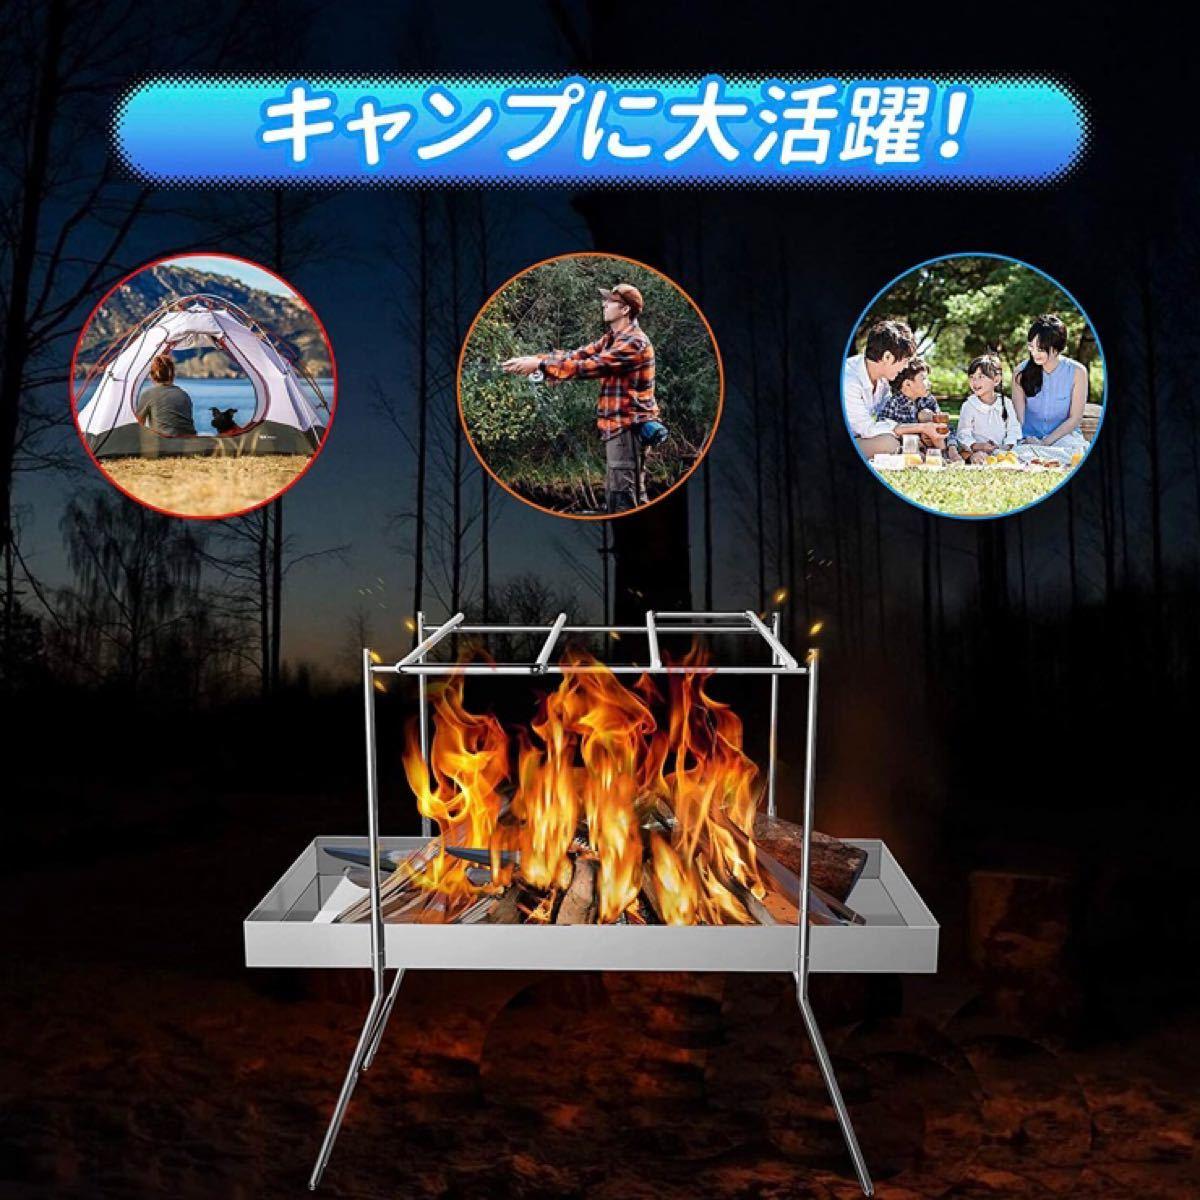 アウトドア 焚き火台 バーベキューコンロ 折り畳み 軽量 キャンプ用品 シルバー BBQ 調理台 登山